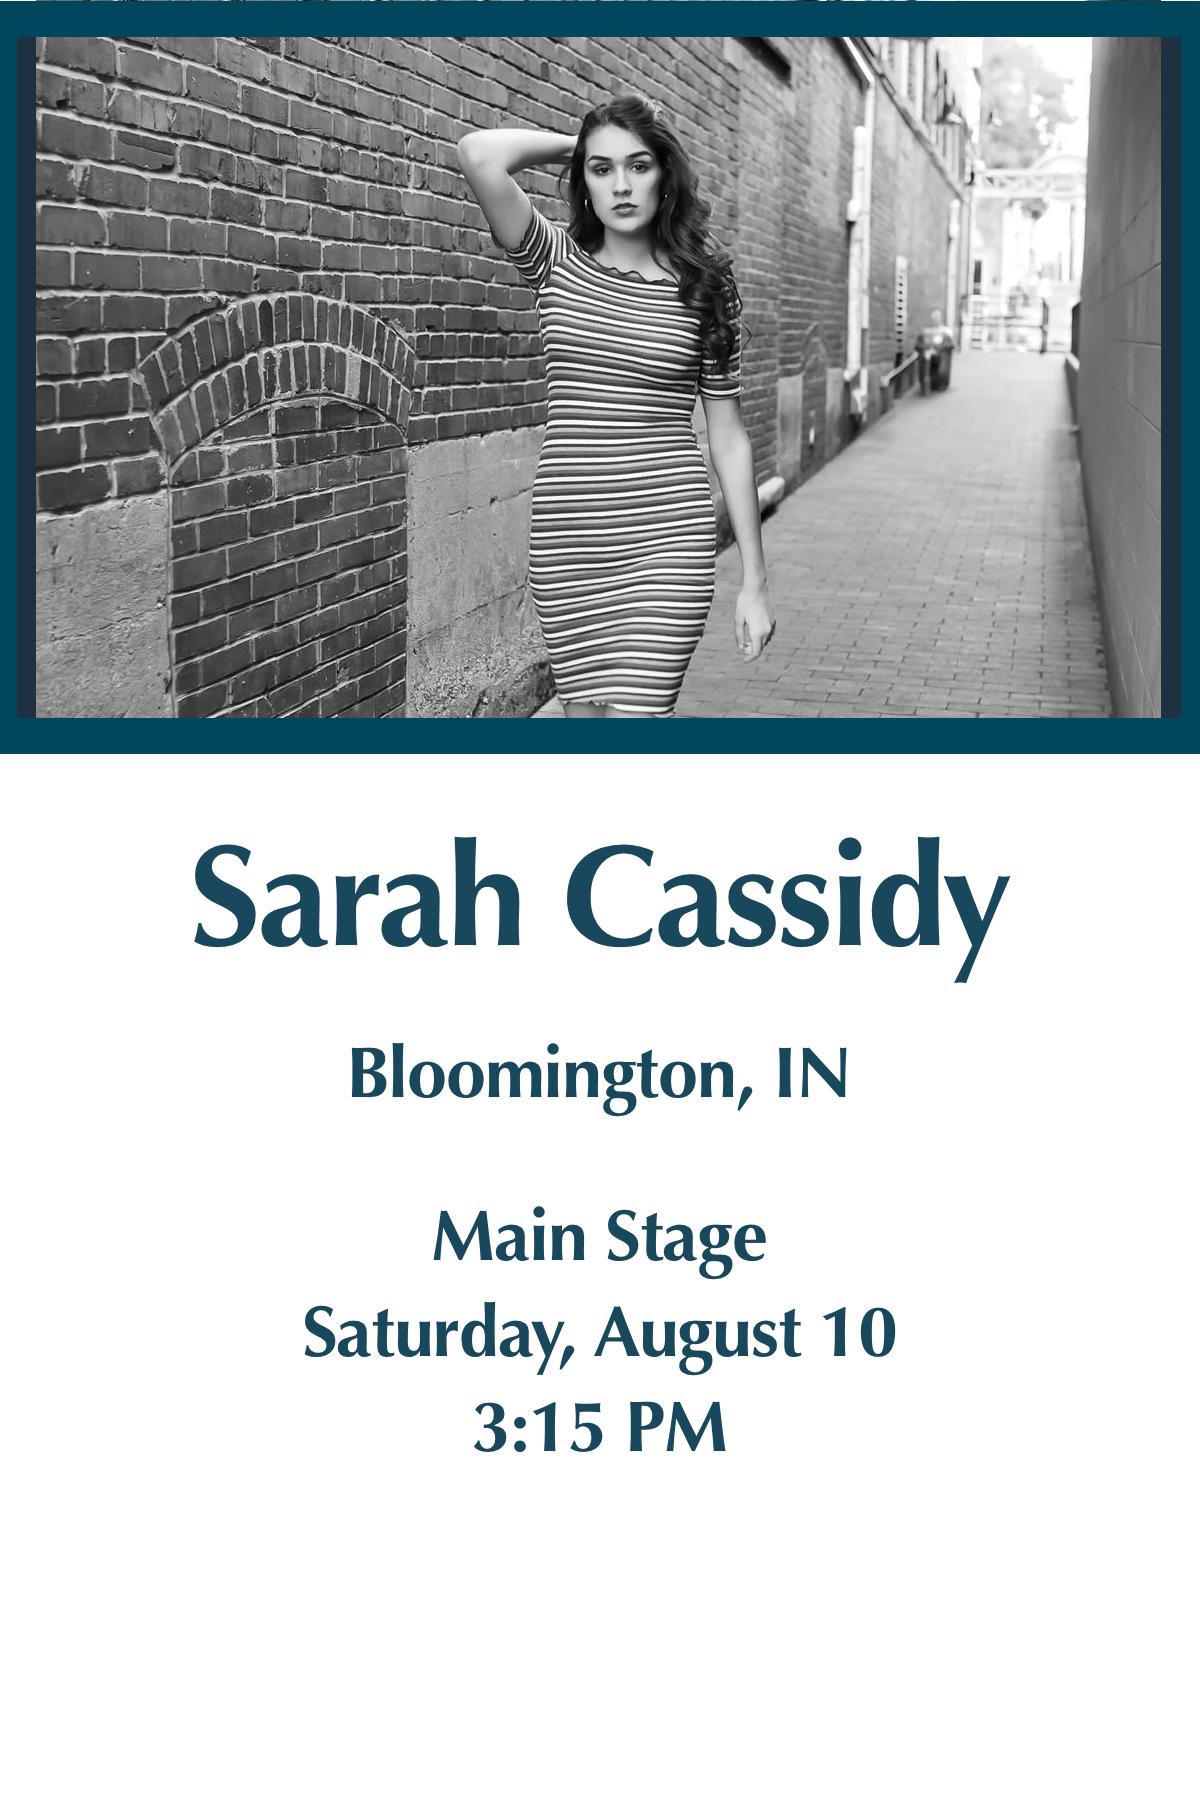 Sarah Cassidy_card.jpg